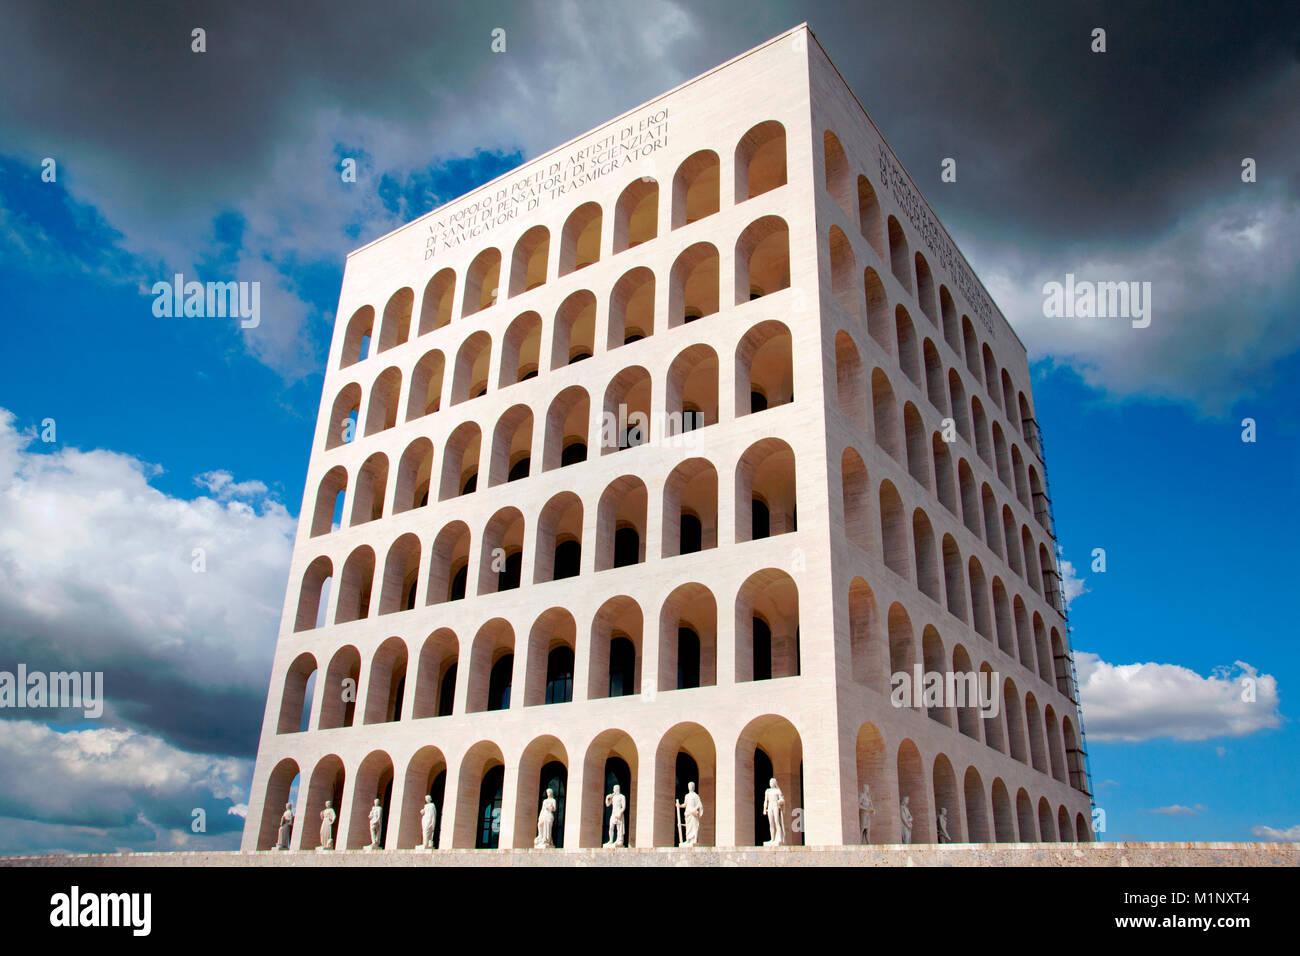 El Palazzo della Civiltà Italiana / Palazzo della Civiltà del Lavoro / Colosseo Quadrato, Roma, Italia Imagen De Stock